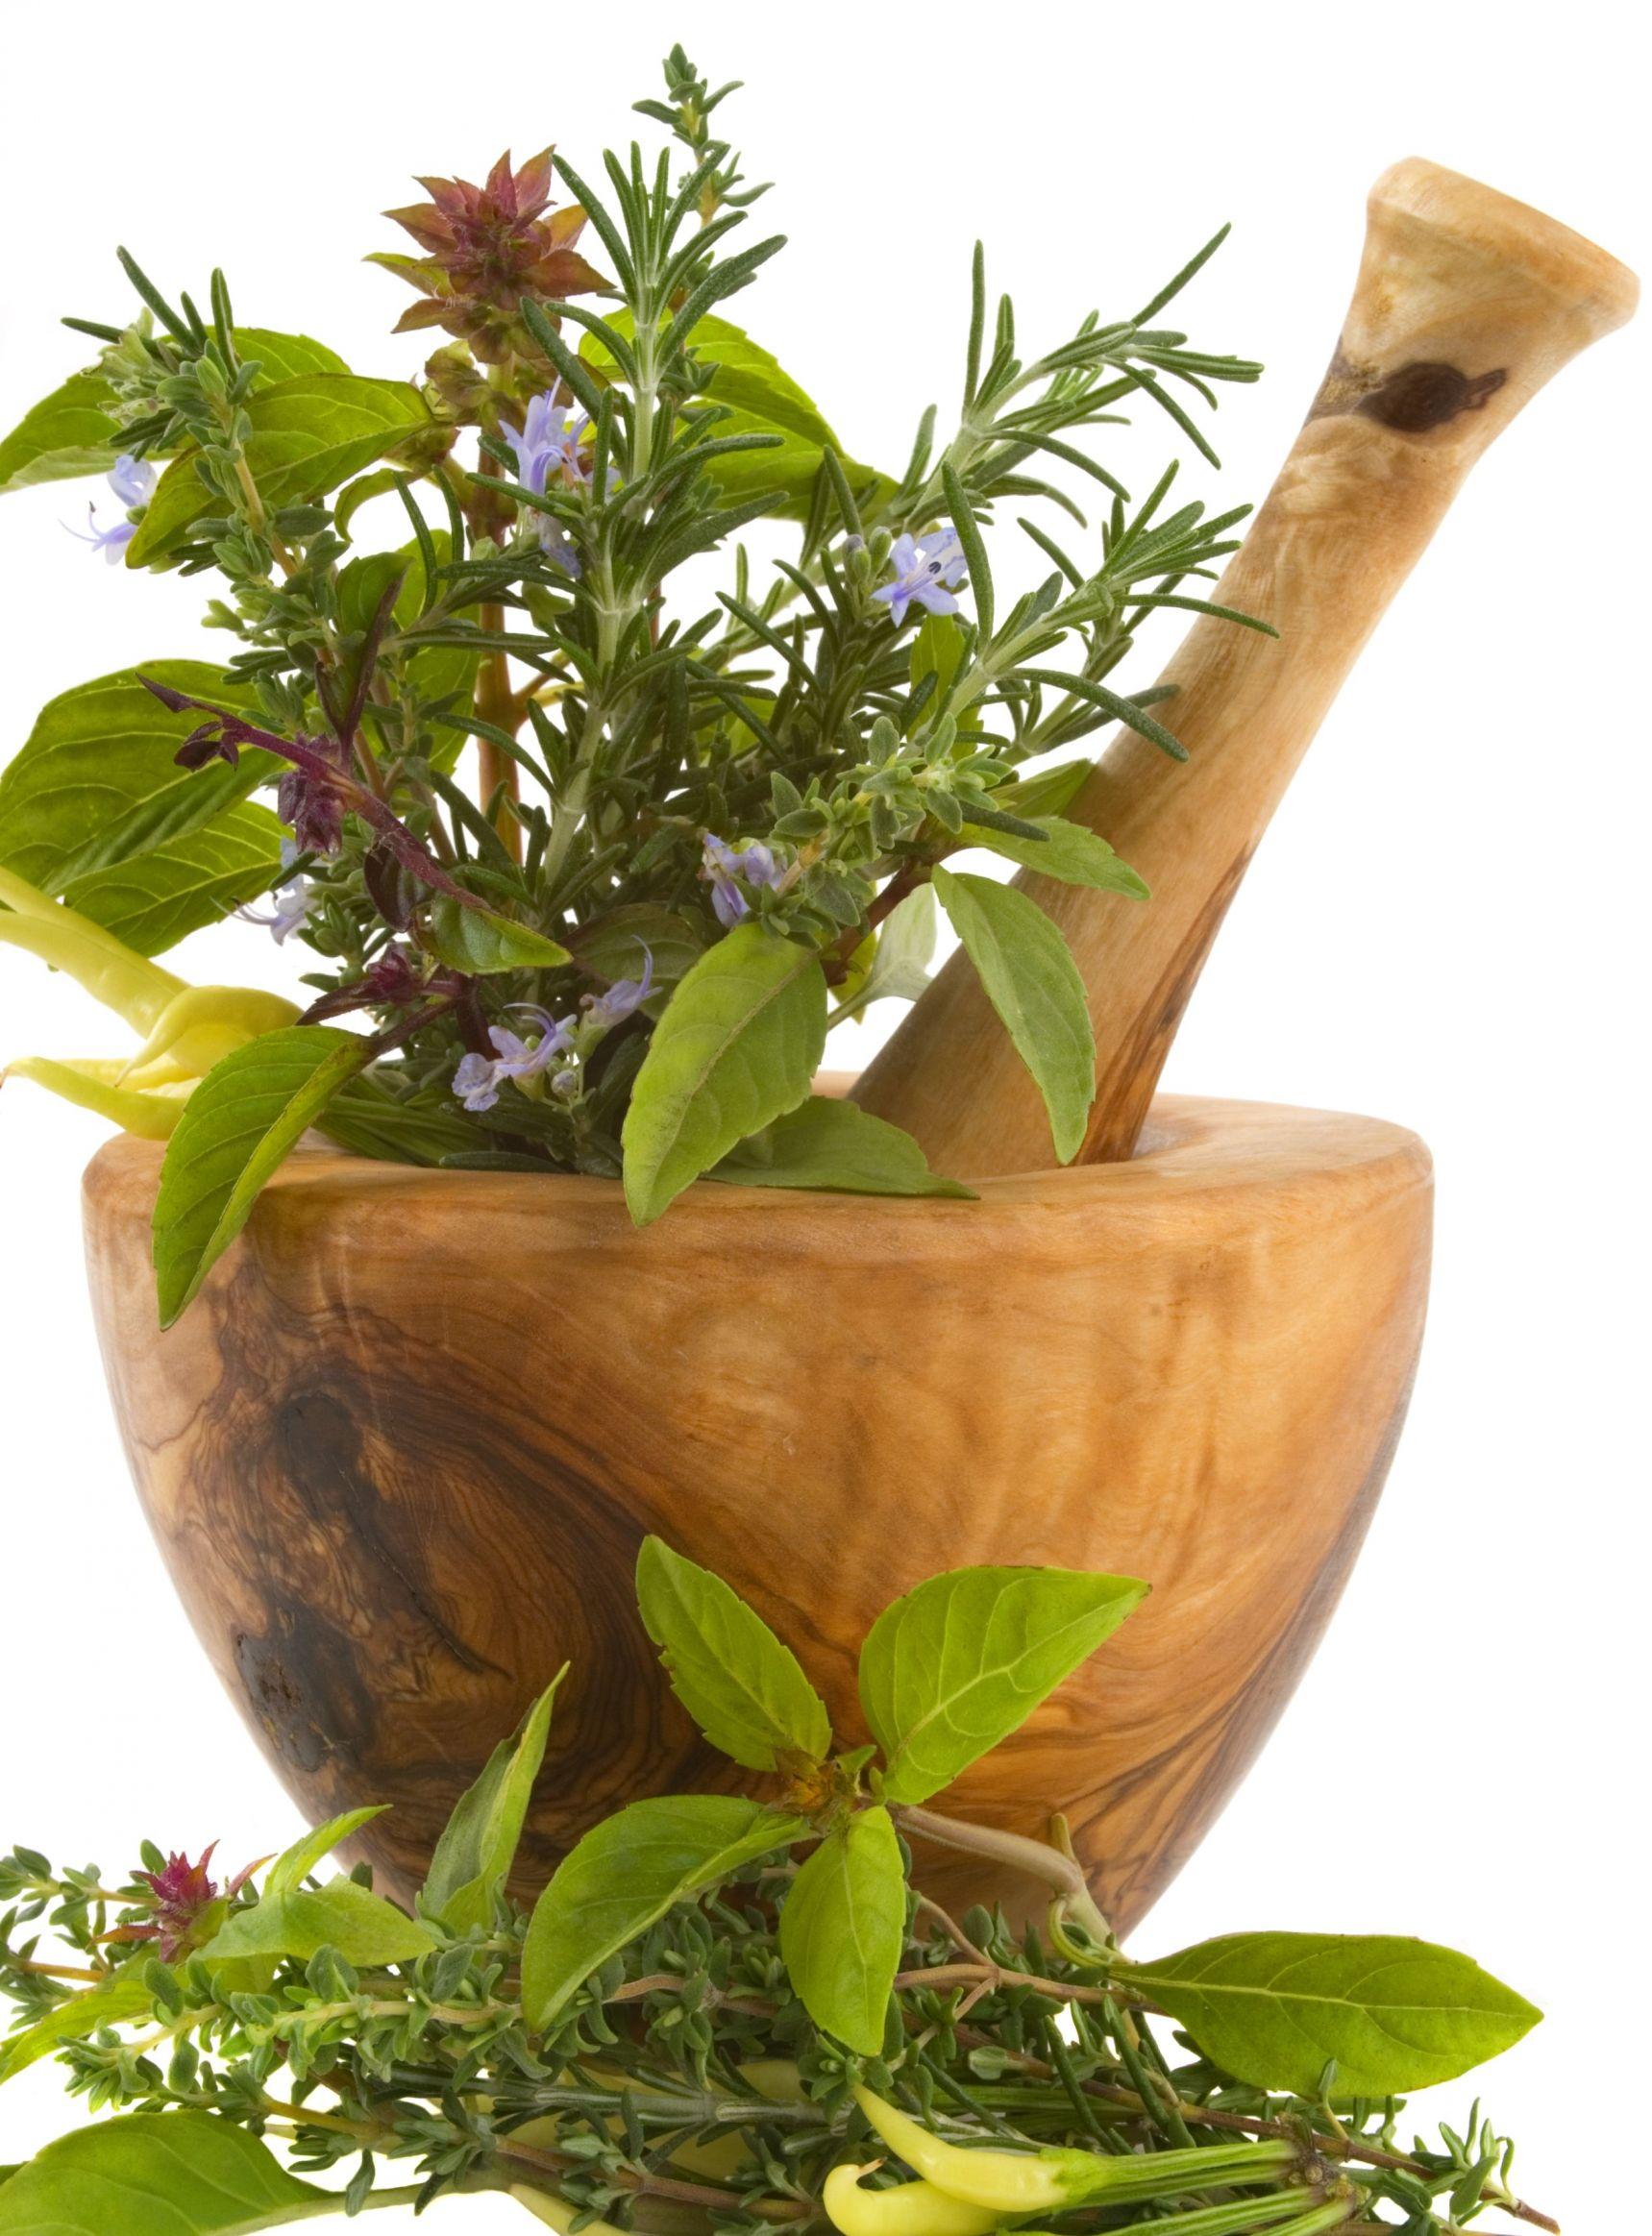 Зеленая косметика.сила трав для красоты и здоровья., народные средства, процедуры и правильное питание и продукты для поддержани.